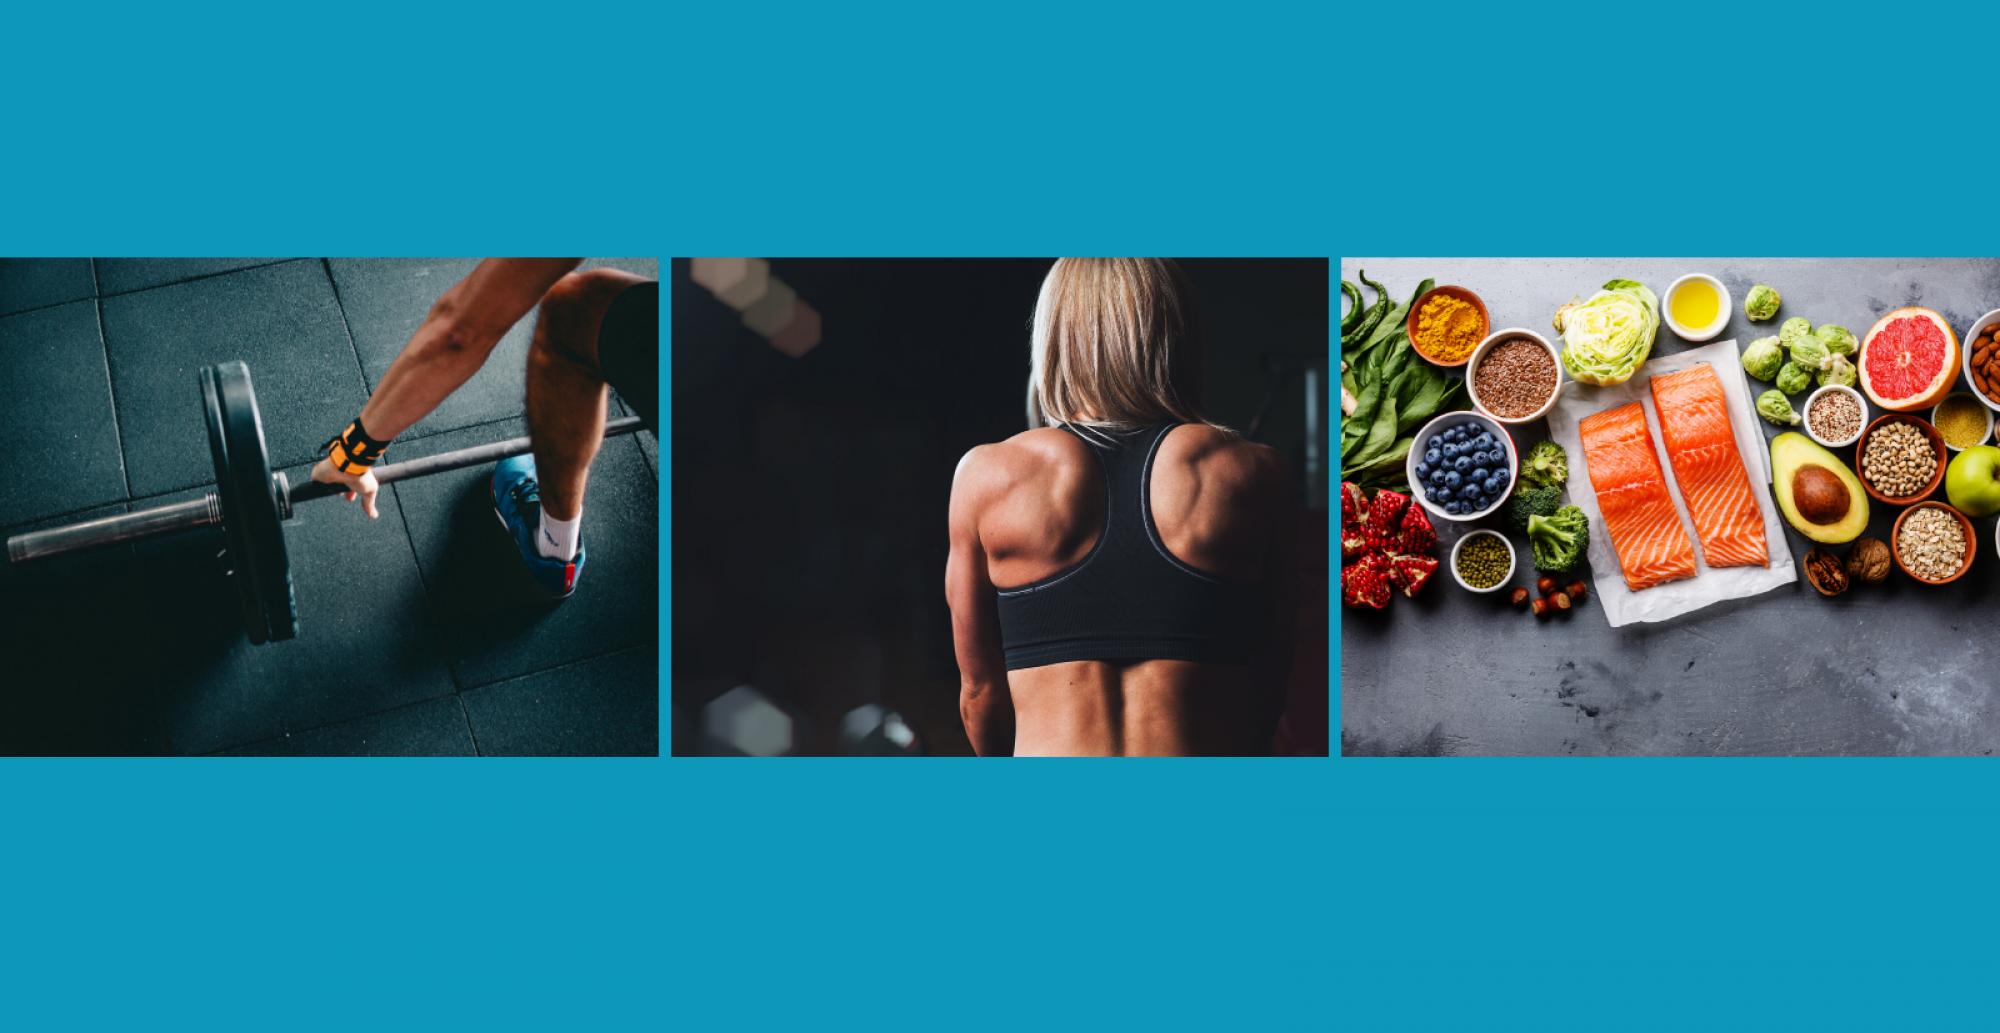 SL8 Fitness & Nutrition